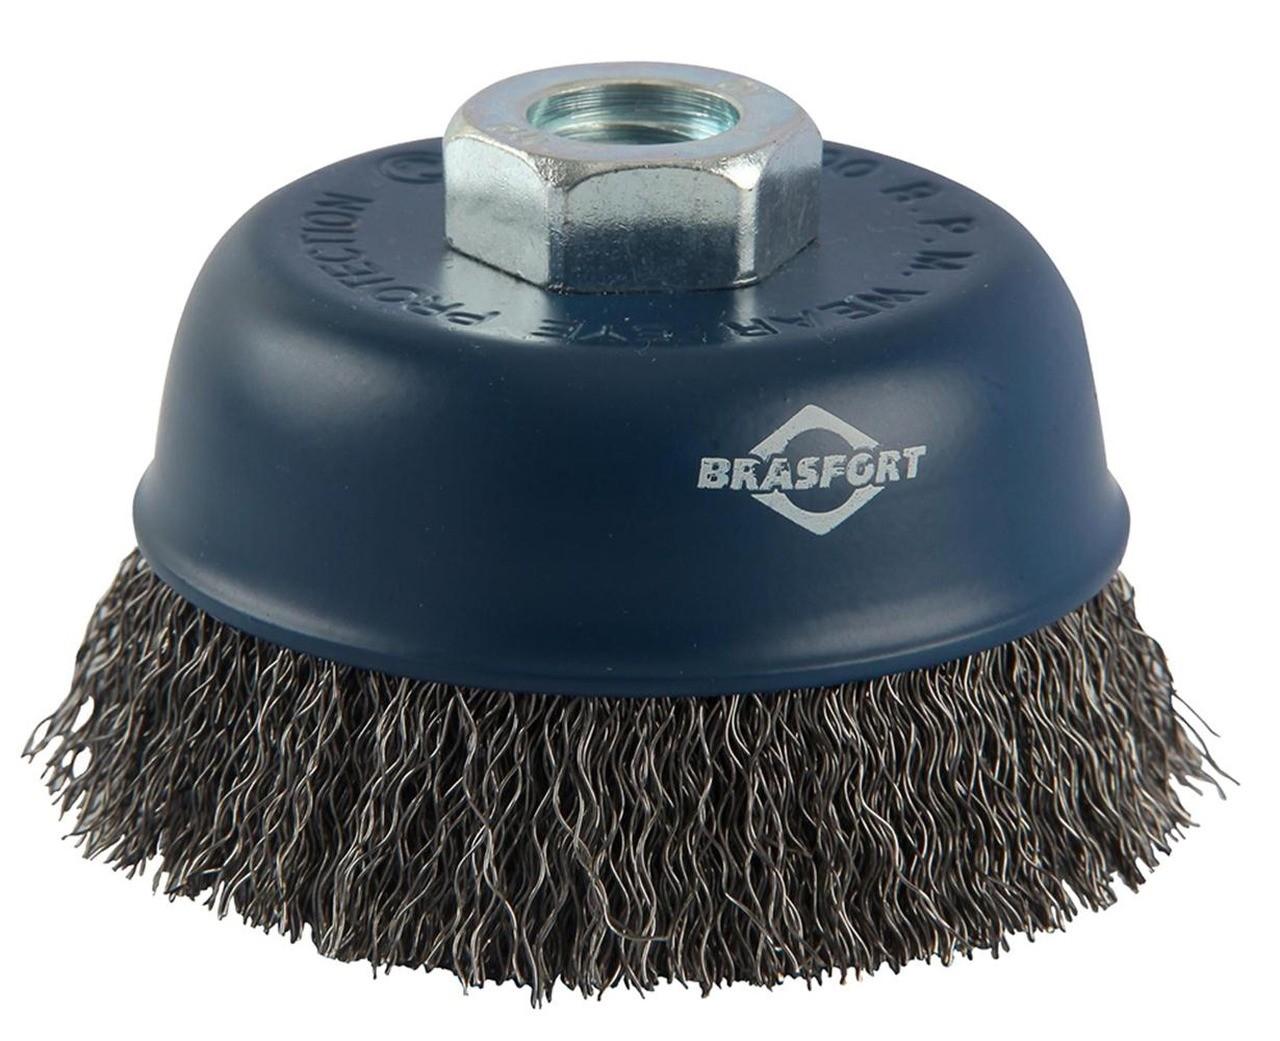 Escova de aço copo ondulada 125xM14 7260 Brasfort